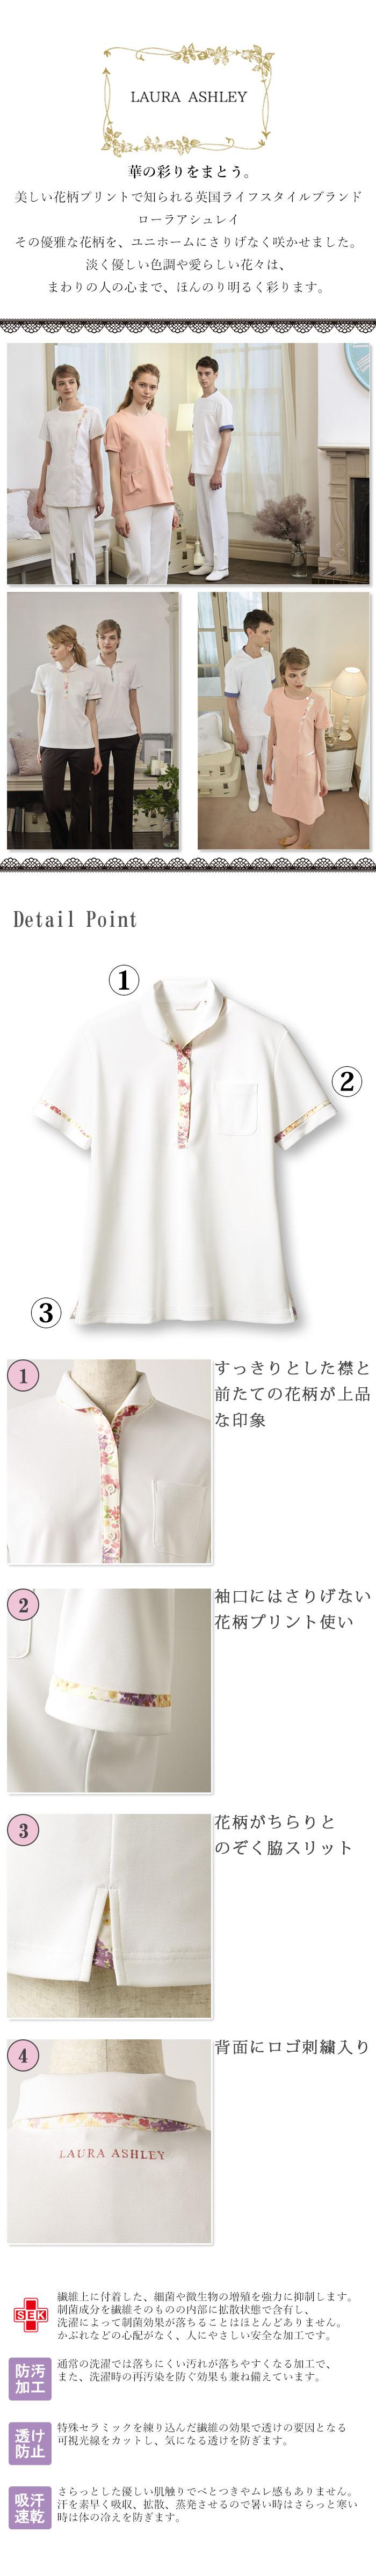 LW201 ニットシャツ デティール画像